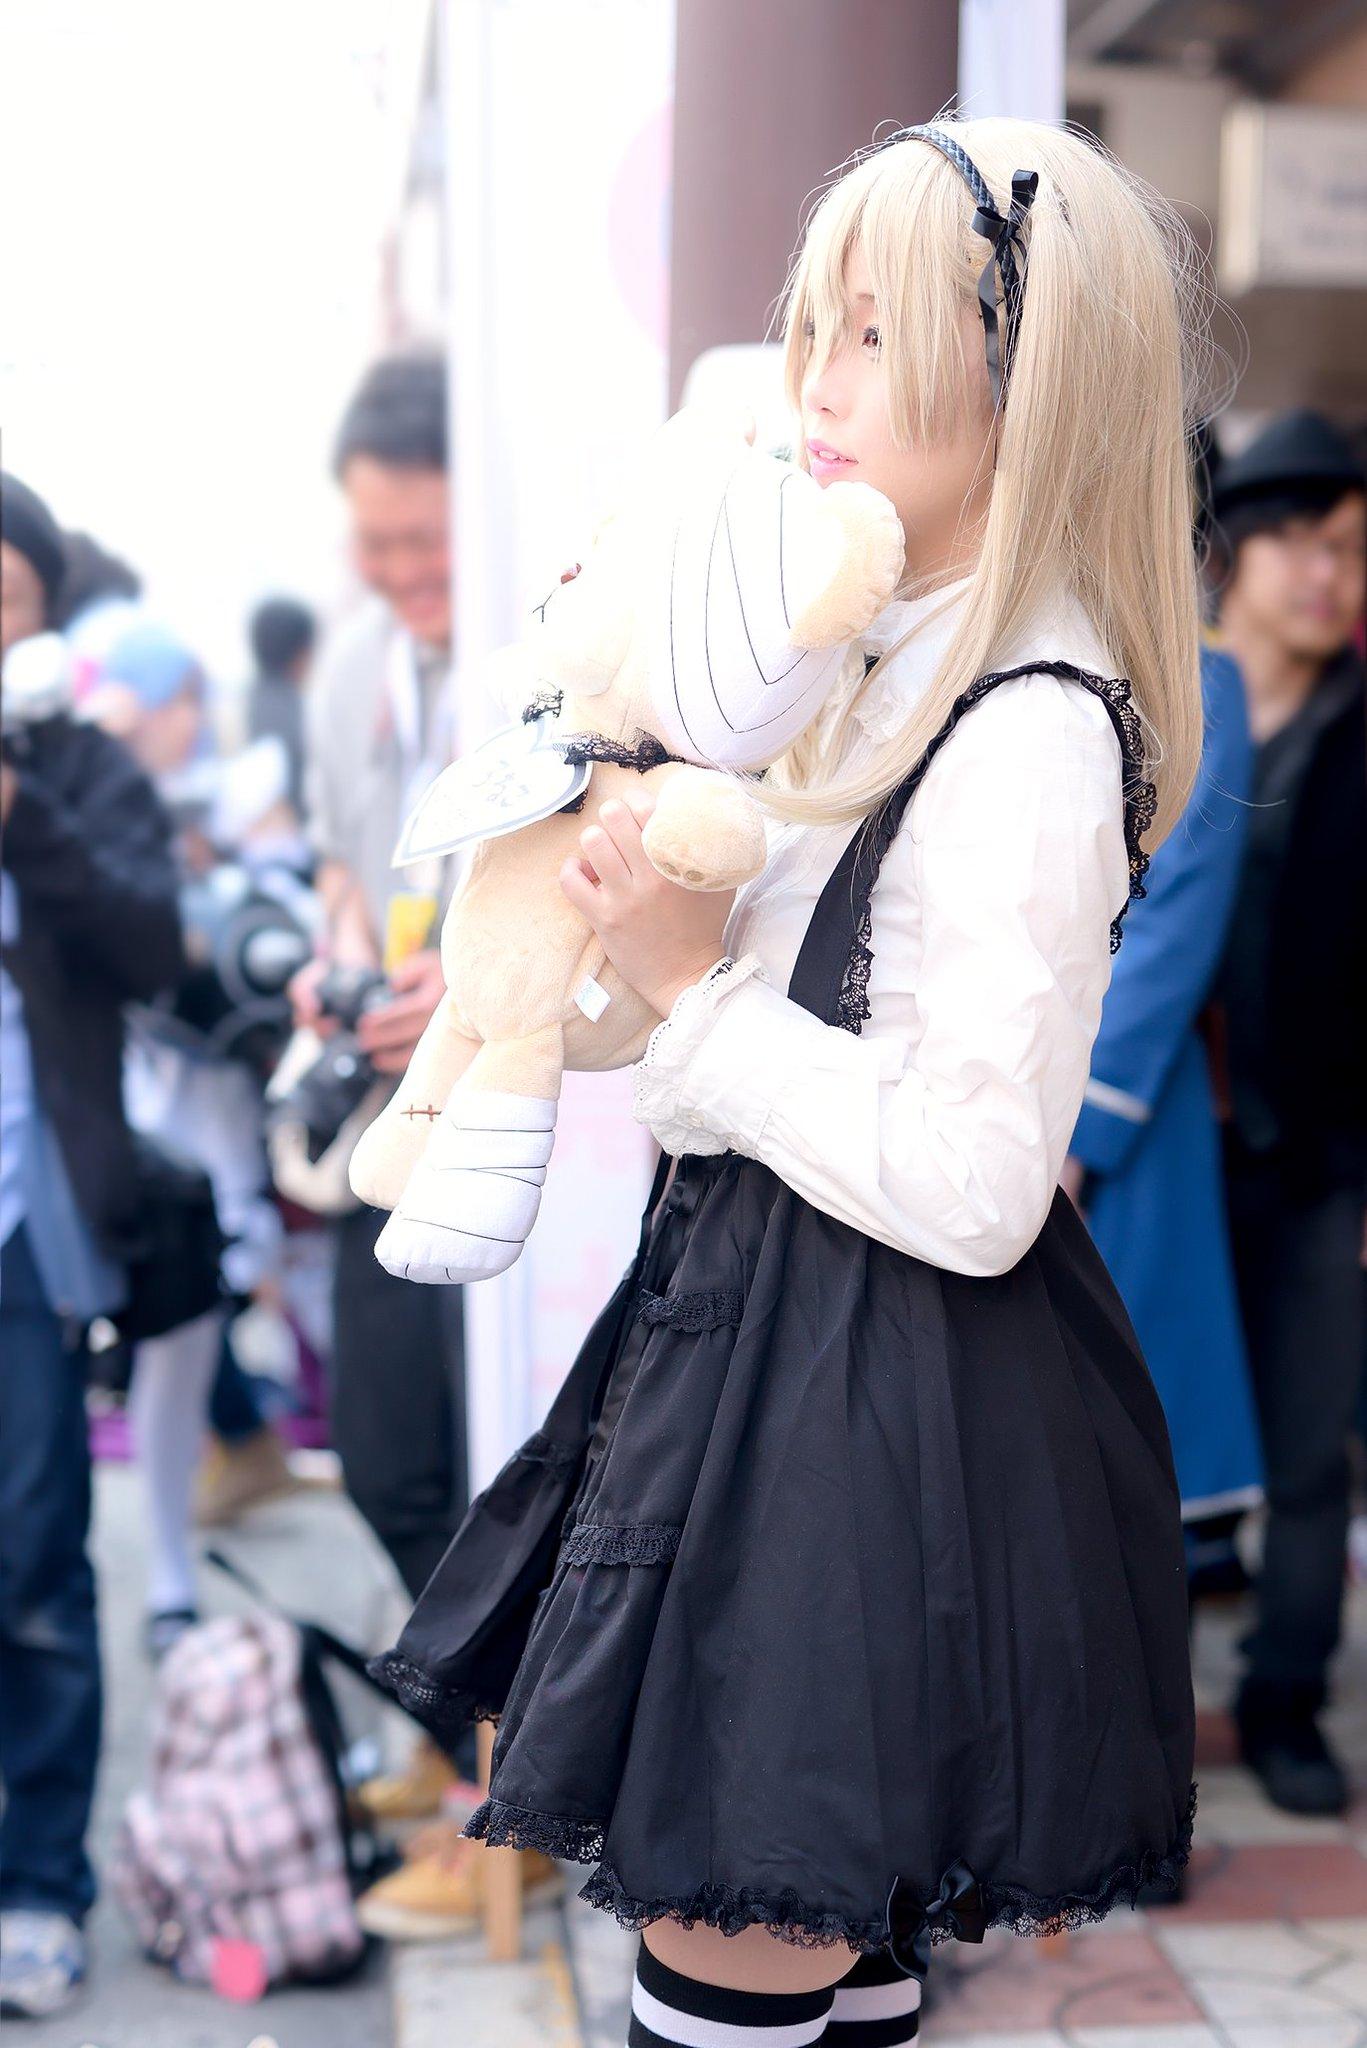 画像,2017/3/19 日本橋ストリートフェスタ2017くろねこさん(@kuroneko_cos )撮影お疲れさまのありがとでした!!#ストフェス2017 http…